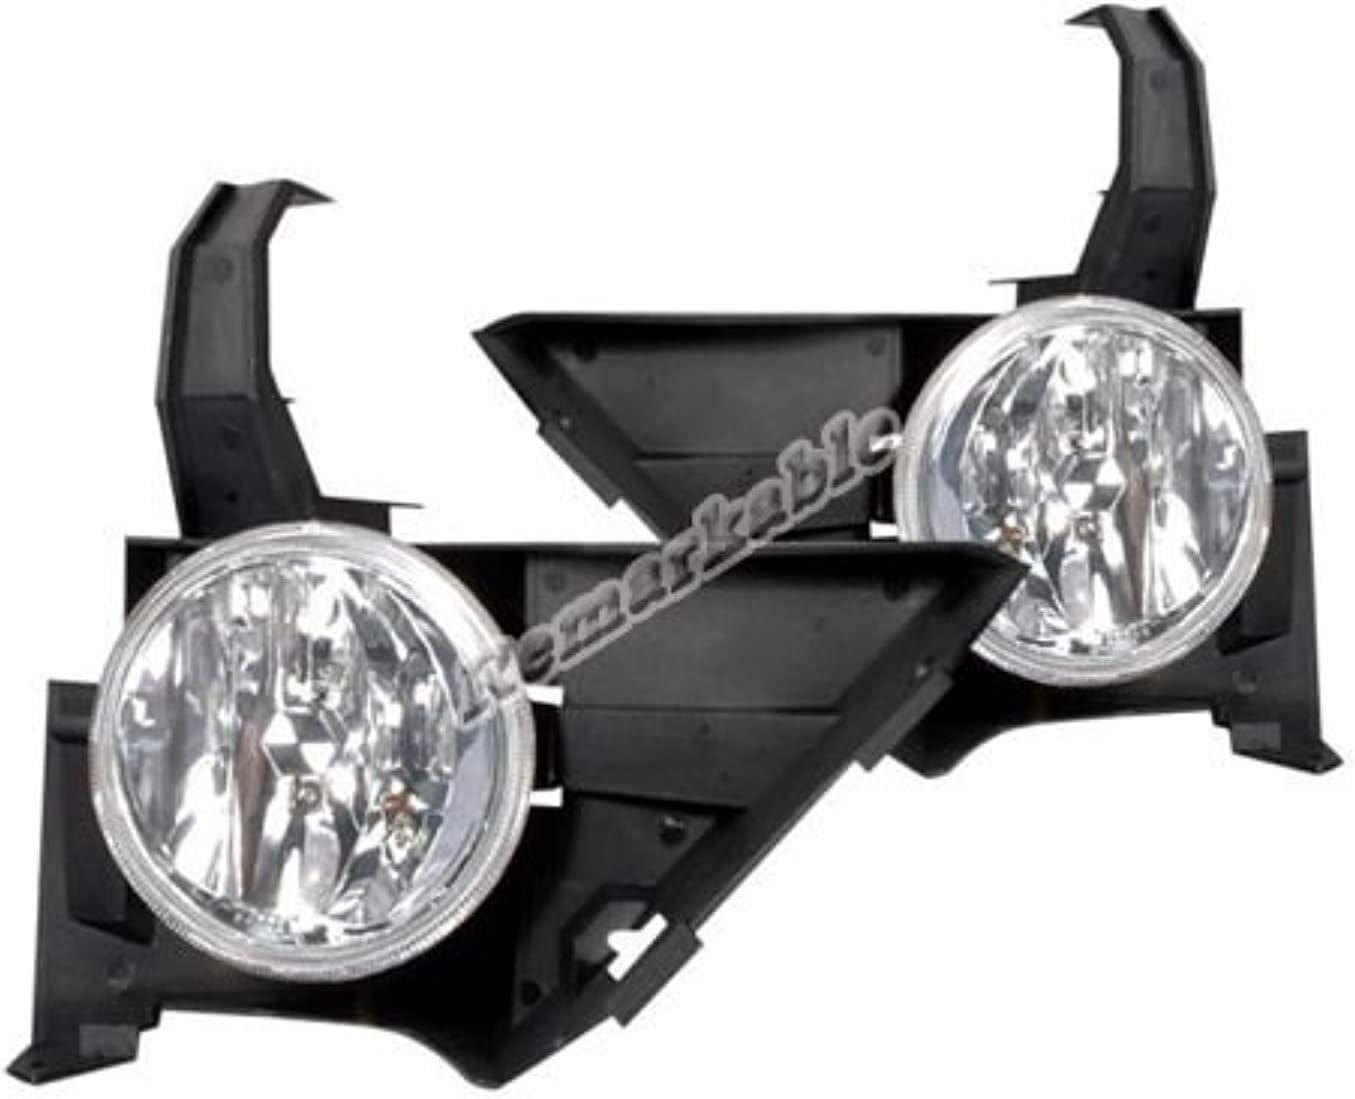 RP Remarkable Power Fit For 2005 2006 CRV Clear Fog Light Kit FL7037